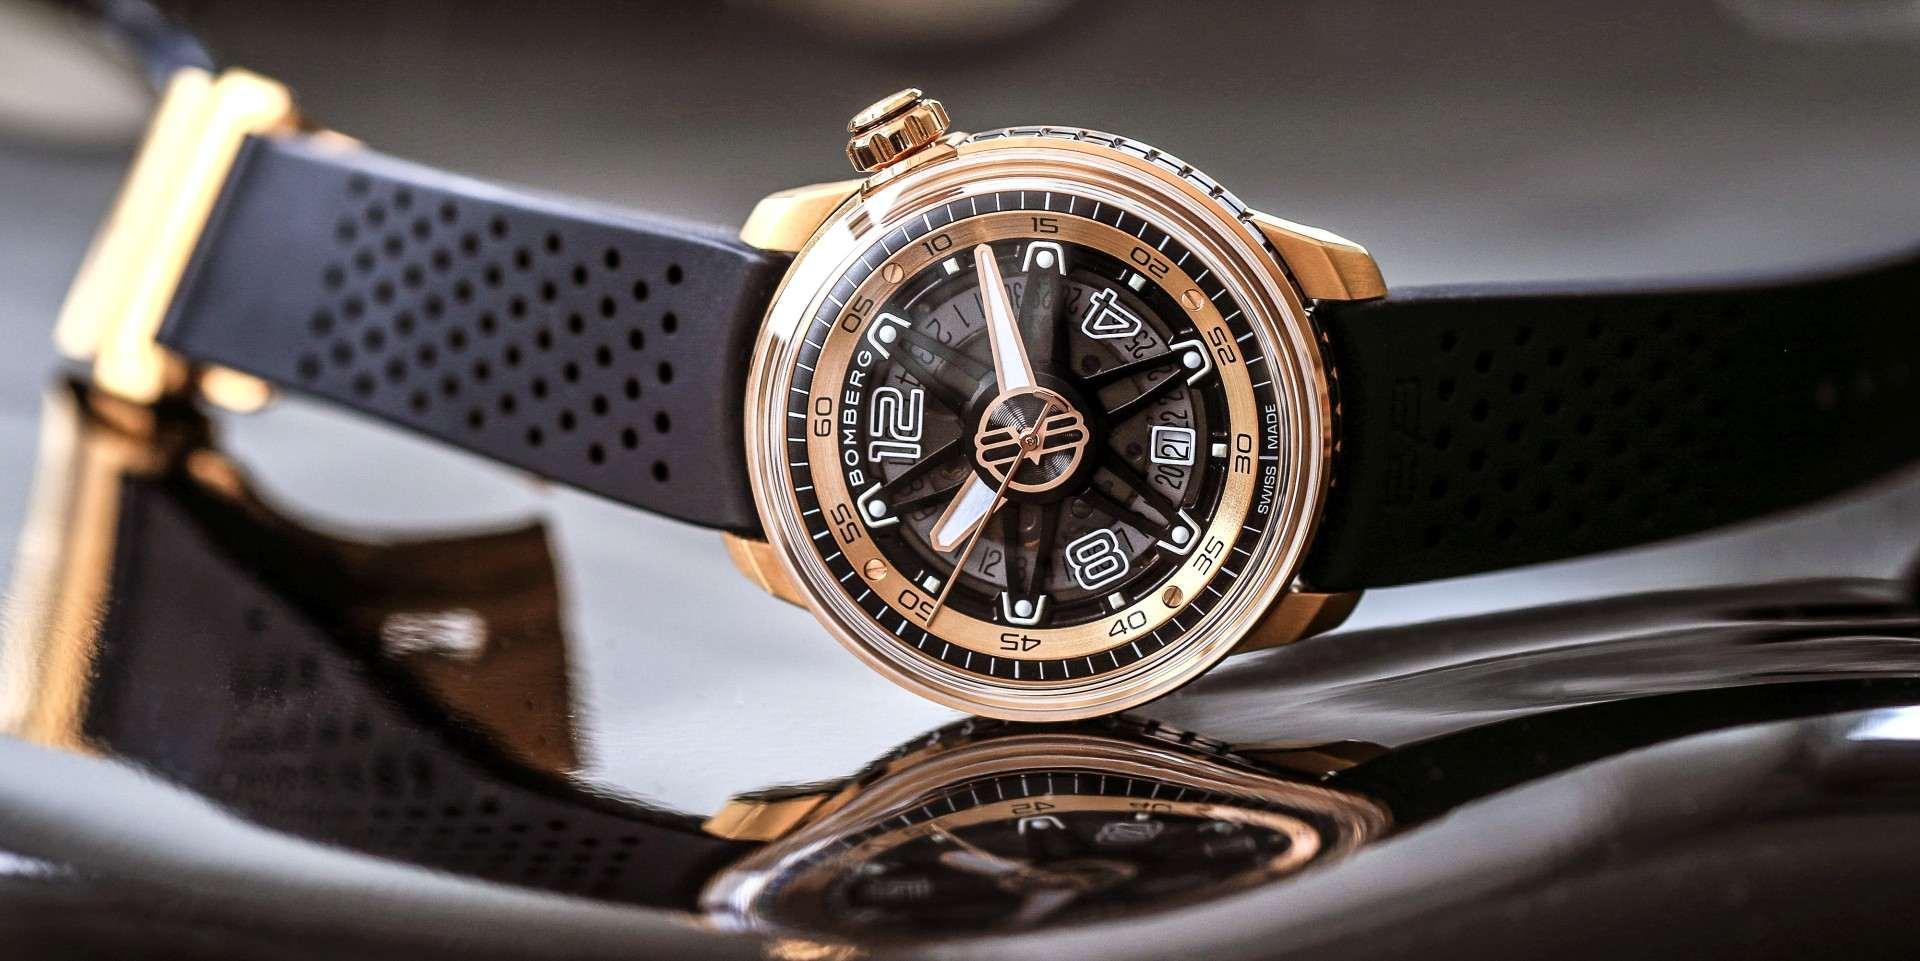 動感四溢又不失優雅的炸彈錶:BOMBERG BB-01 Automatic PVD玫瑰金腕錶